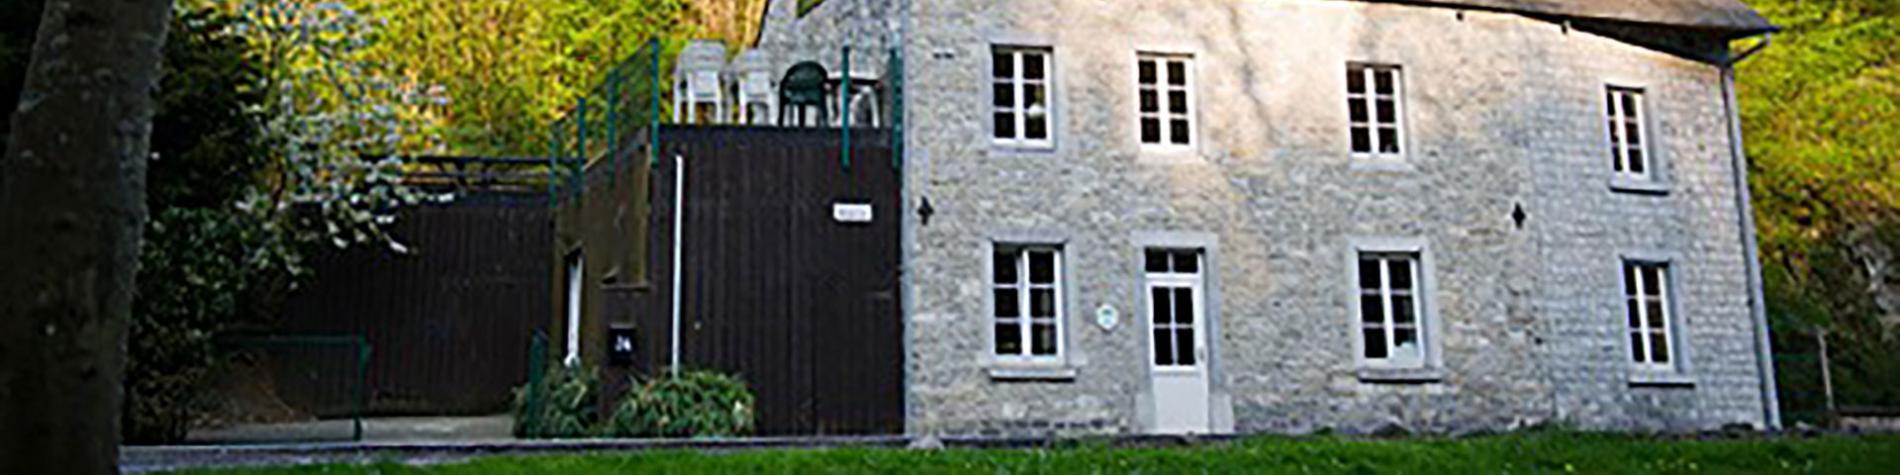 Gîte rural - La Baronnie - Anhée - Maredsous - pêcherie